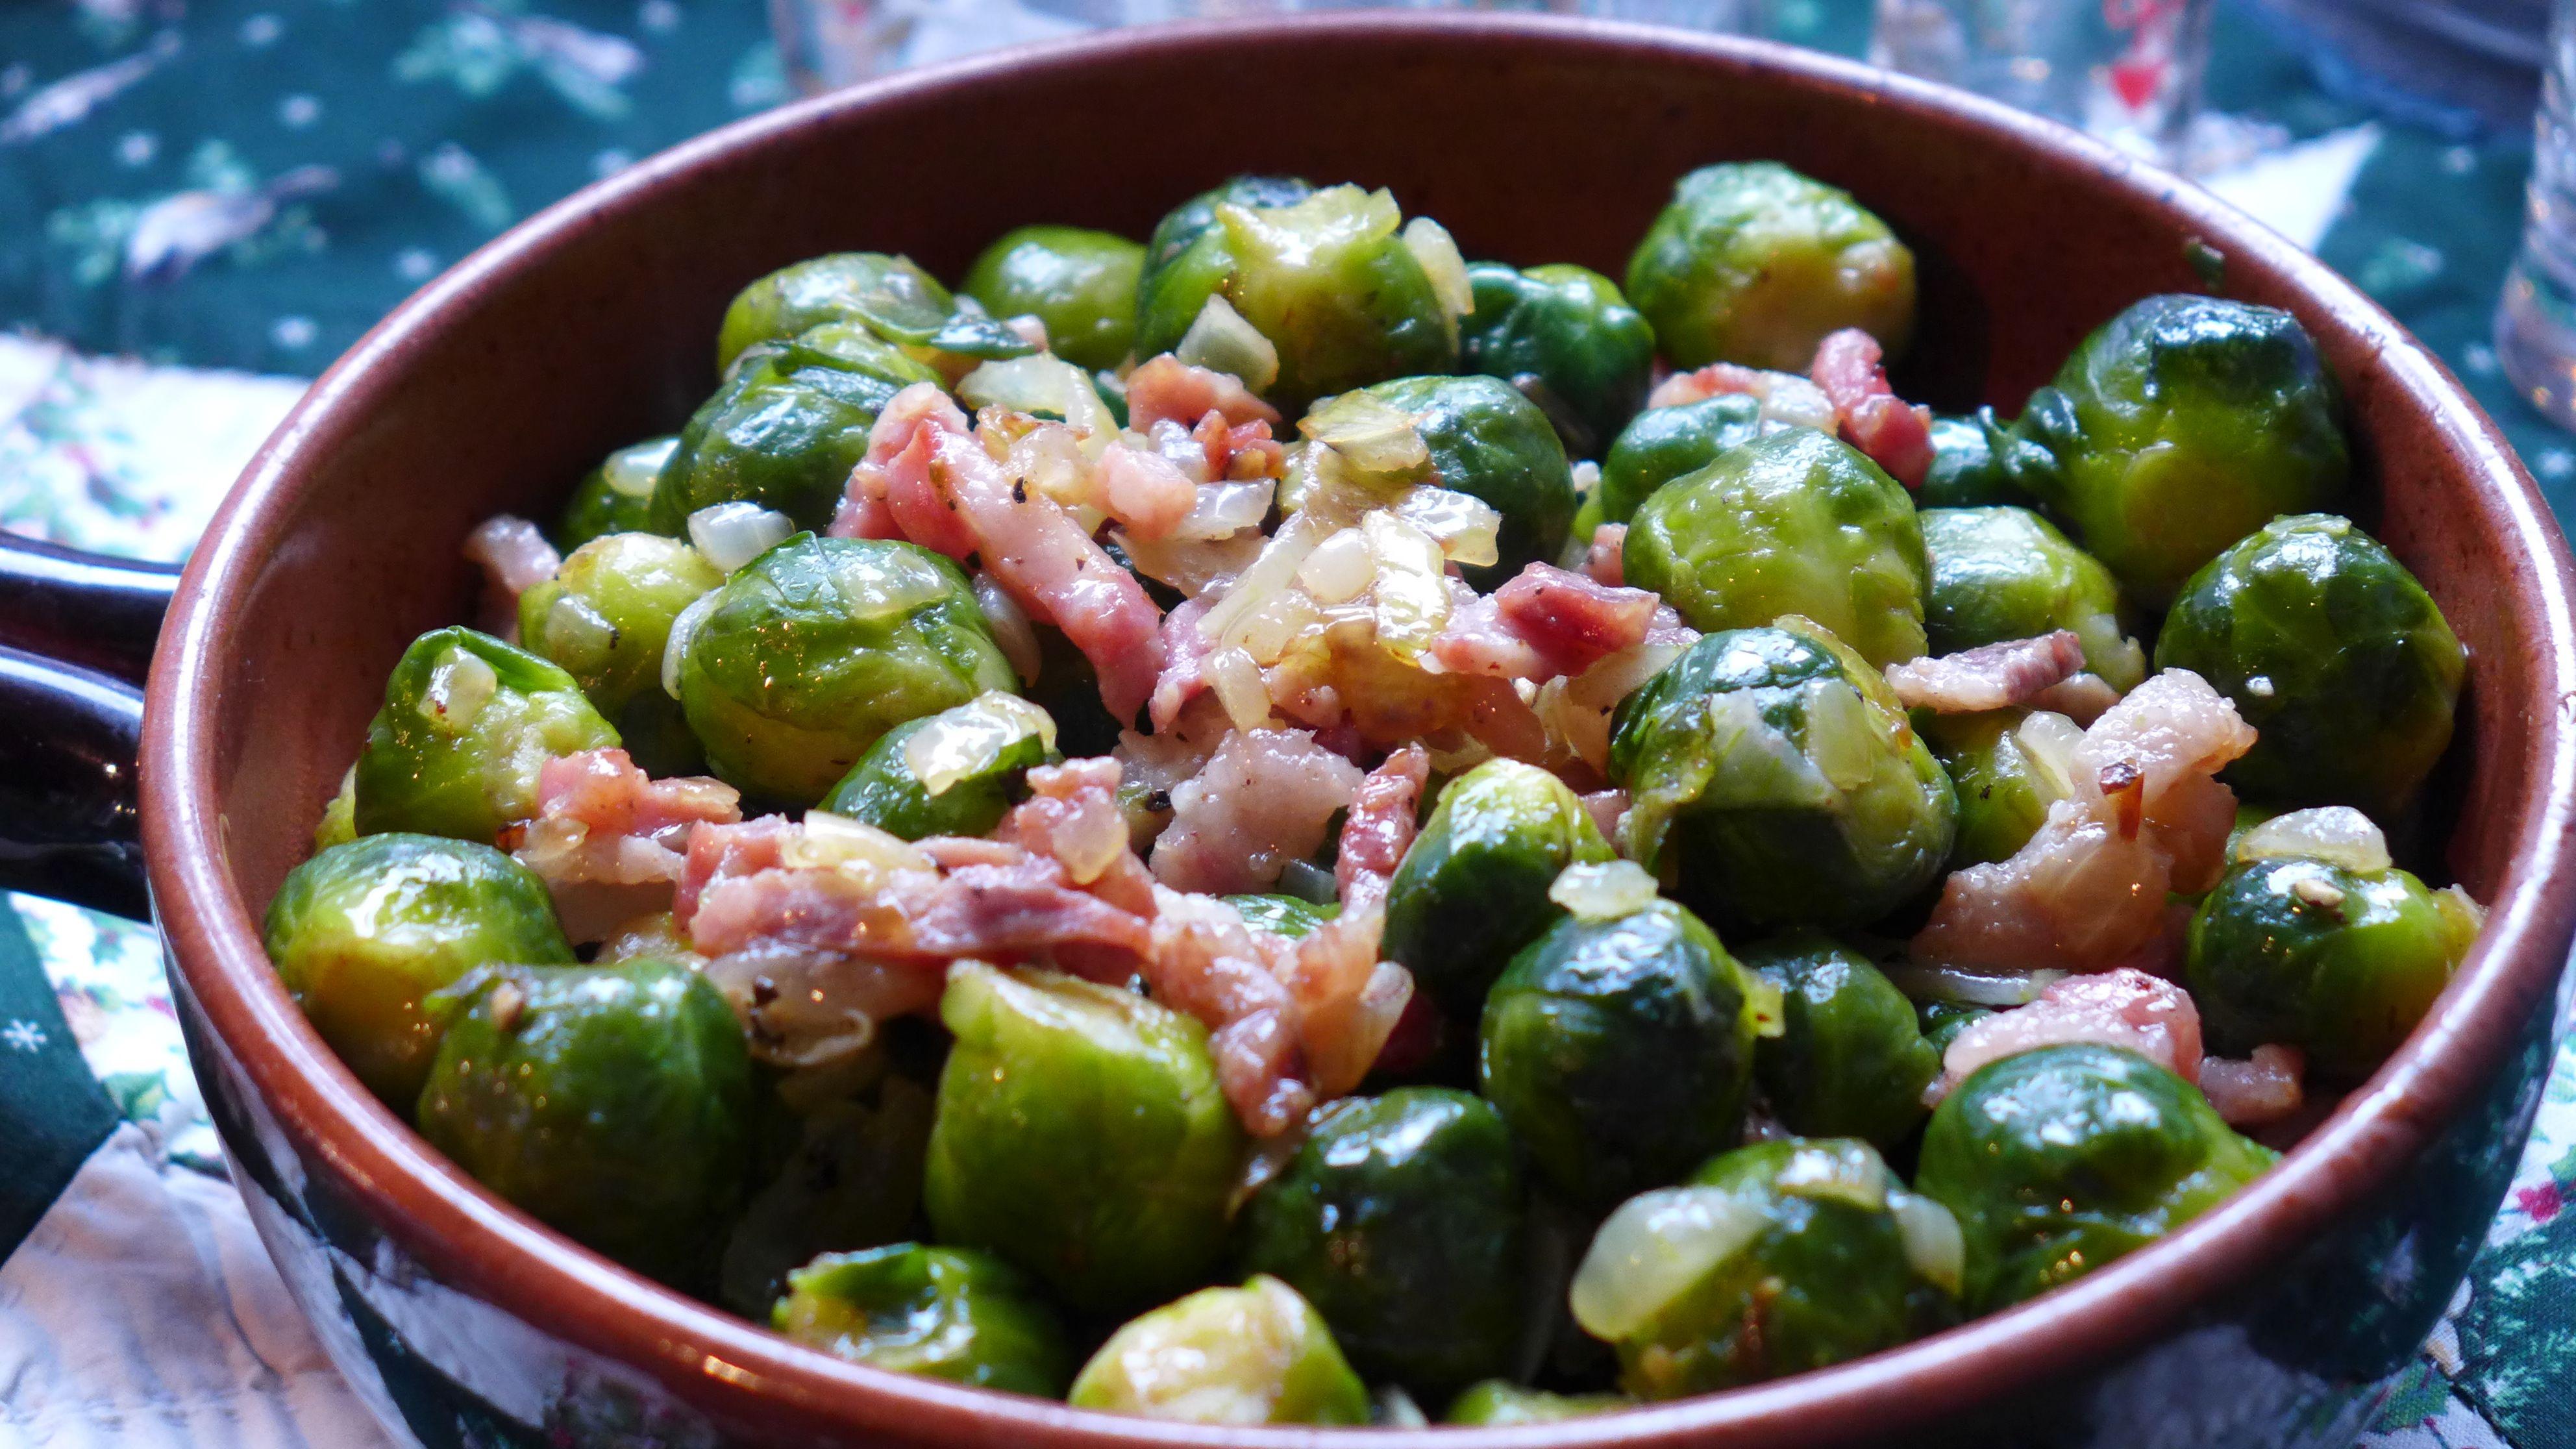 закуски из брюссельской капусты с фото